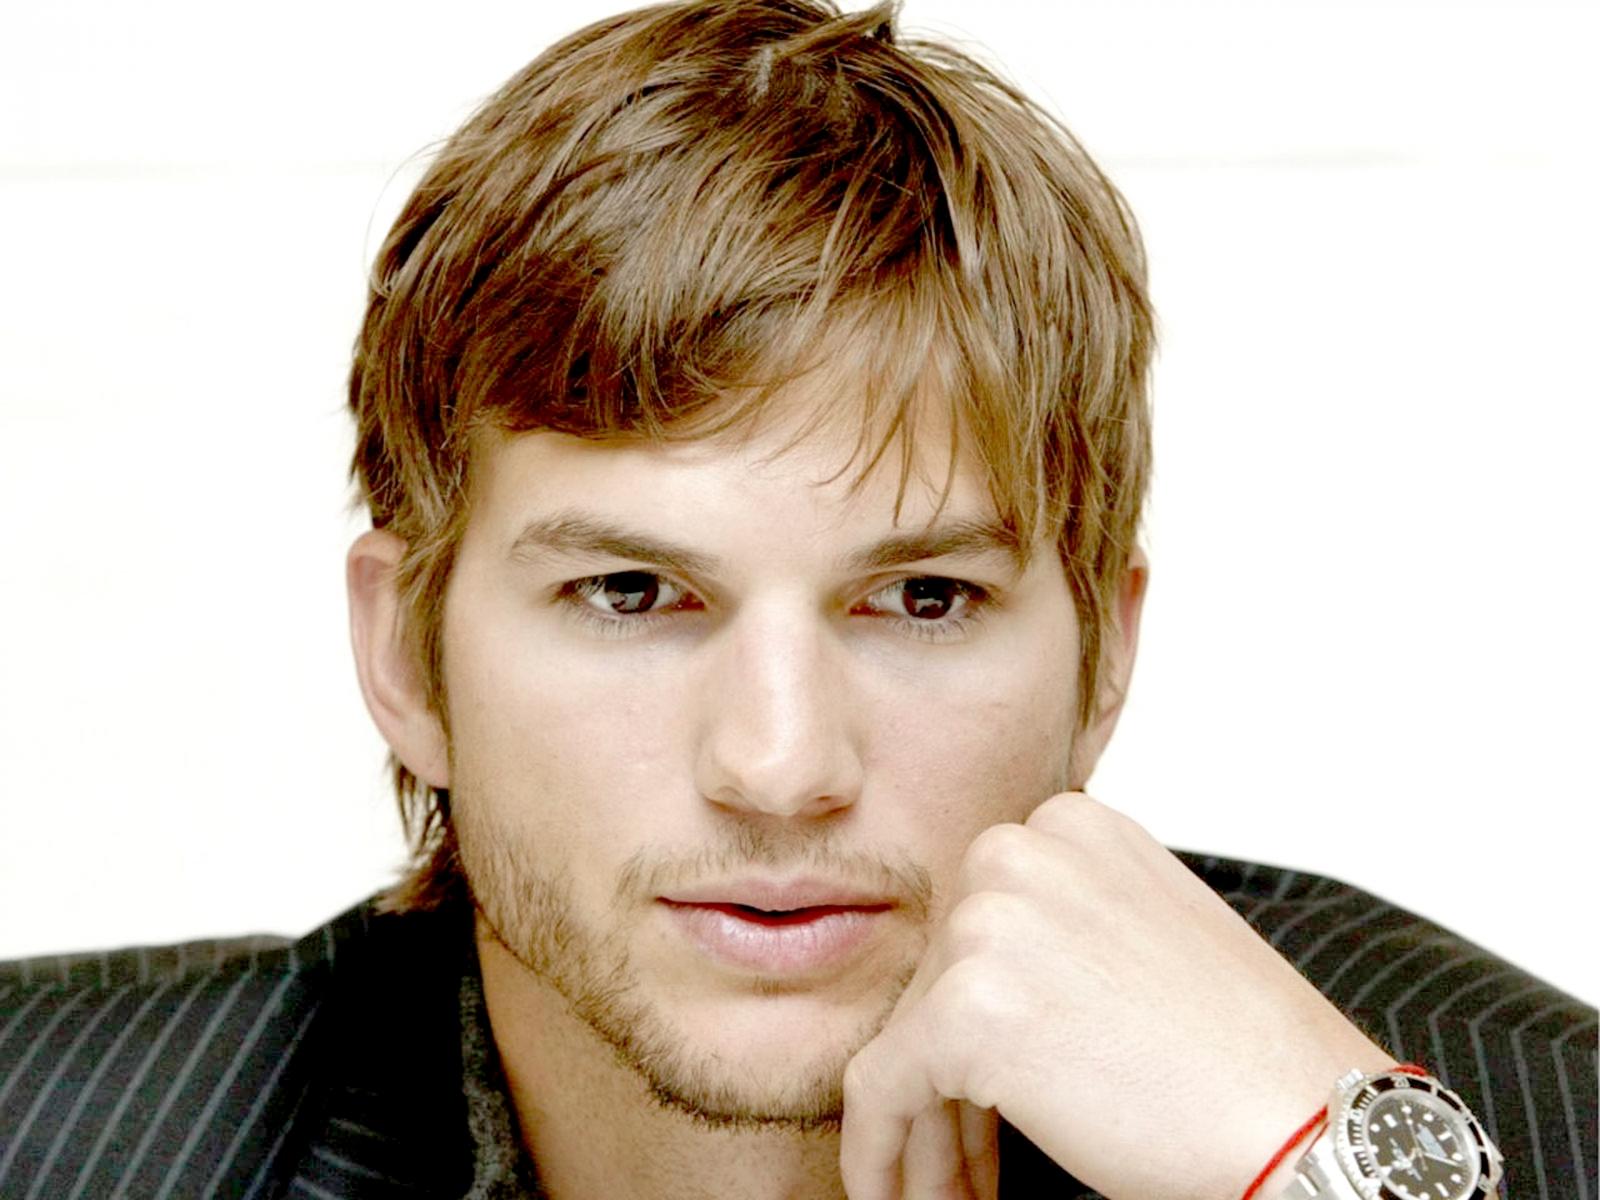 http://3.bp.blogspot.com/-Ao8P2ur1p1k/T0nIorv1TBI/AAAAAAAAFJU/1v3xqqE2Rik/s1600/2-Ashton_Kutcher_0%28www.GalaWallpapers.net%29-1600x1200.jpg